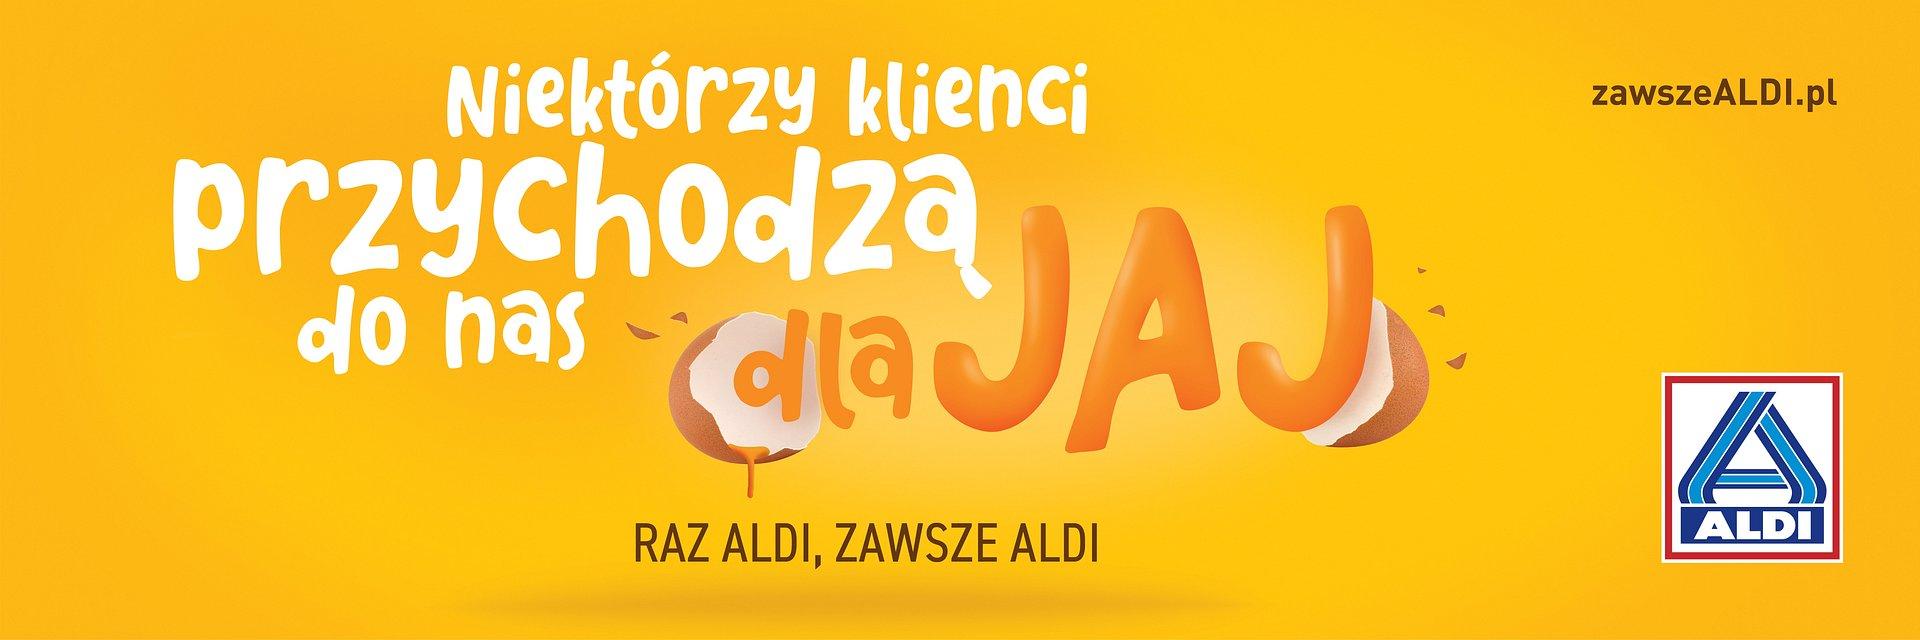 RAZ ALDI, ZAWSZE ALDI - nowa kampania marketingowa sieci sklepów ALDI.